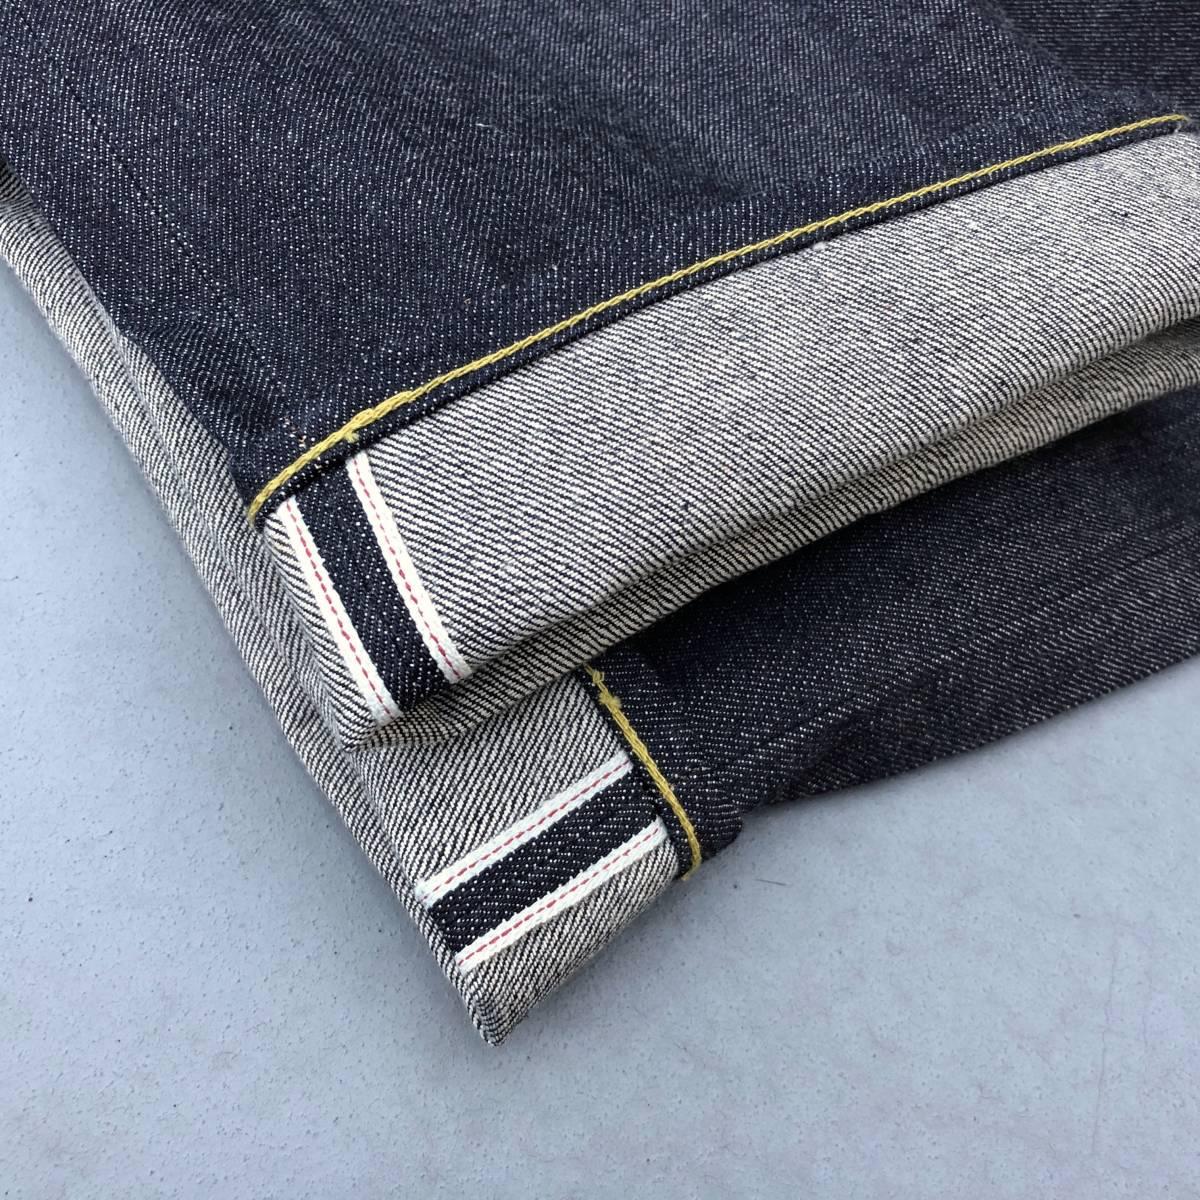 旧 米国製 1955モデル 日本企画 LEVI'S VINTAGE CLOTHING 501XX 55501-0051 W34 L36 リジッド 新品デニムパンツ アメリカUSA製 50s 55s LVC_画像9